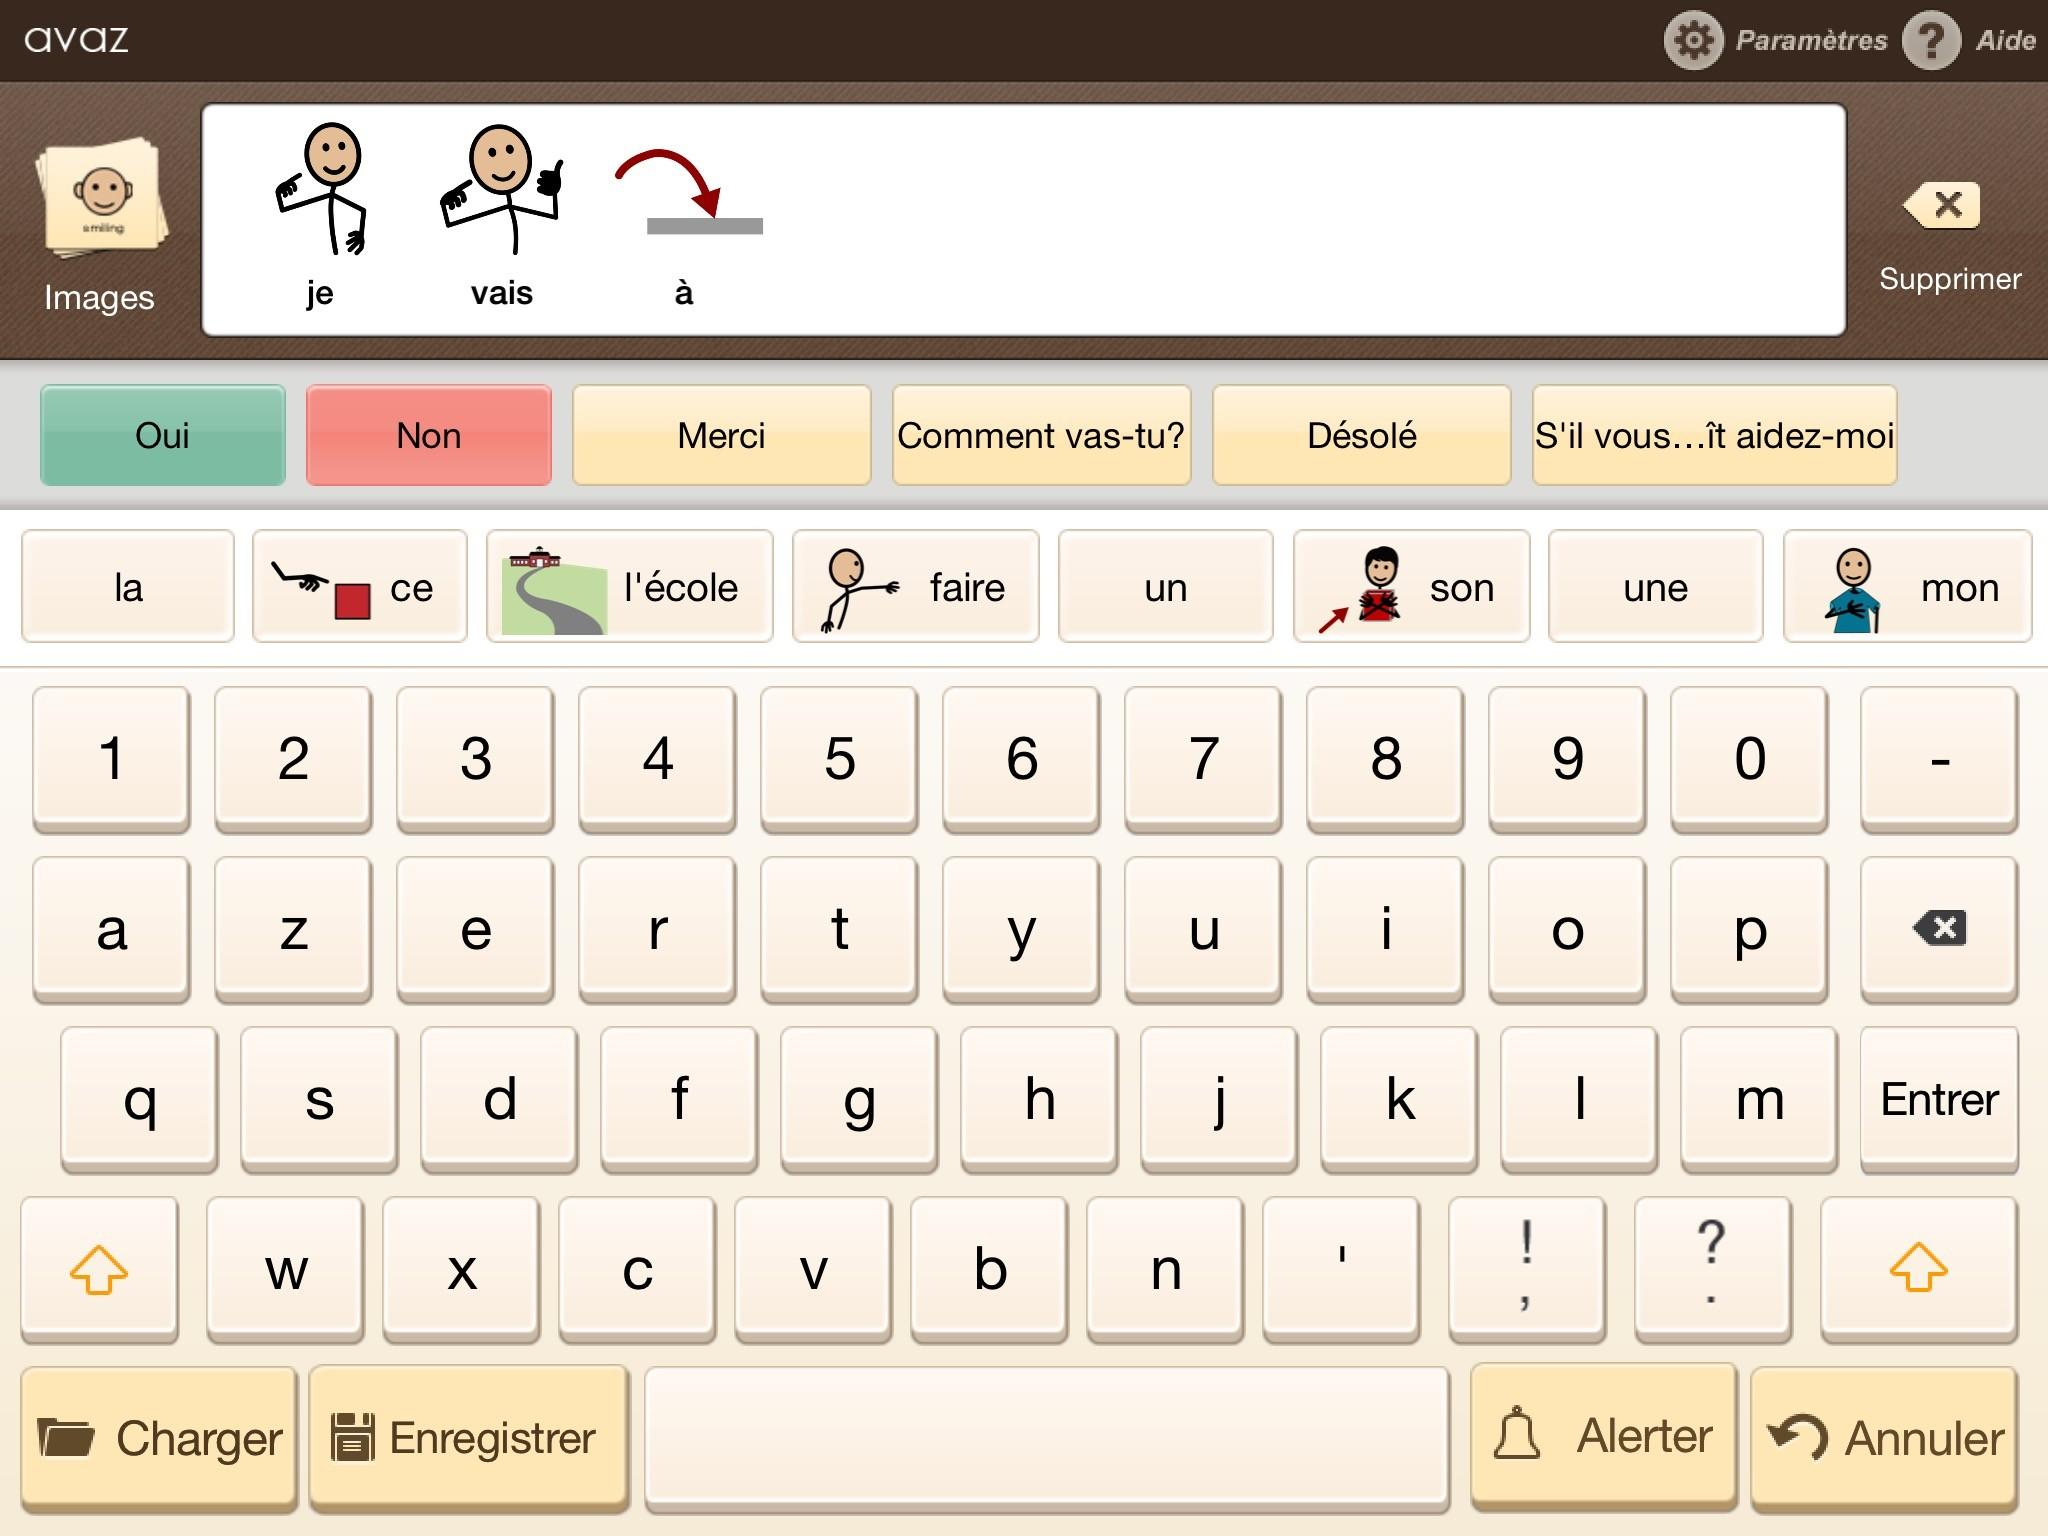 Petit aperçu de l'application Avaz en français